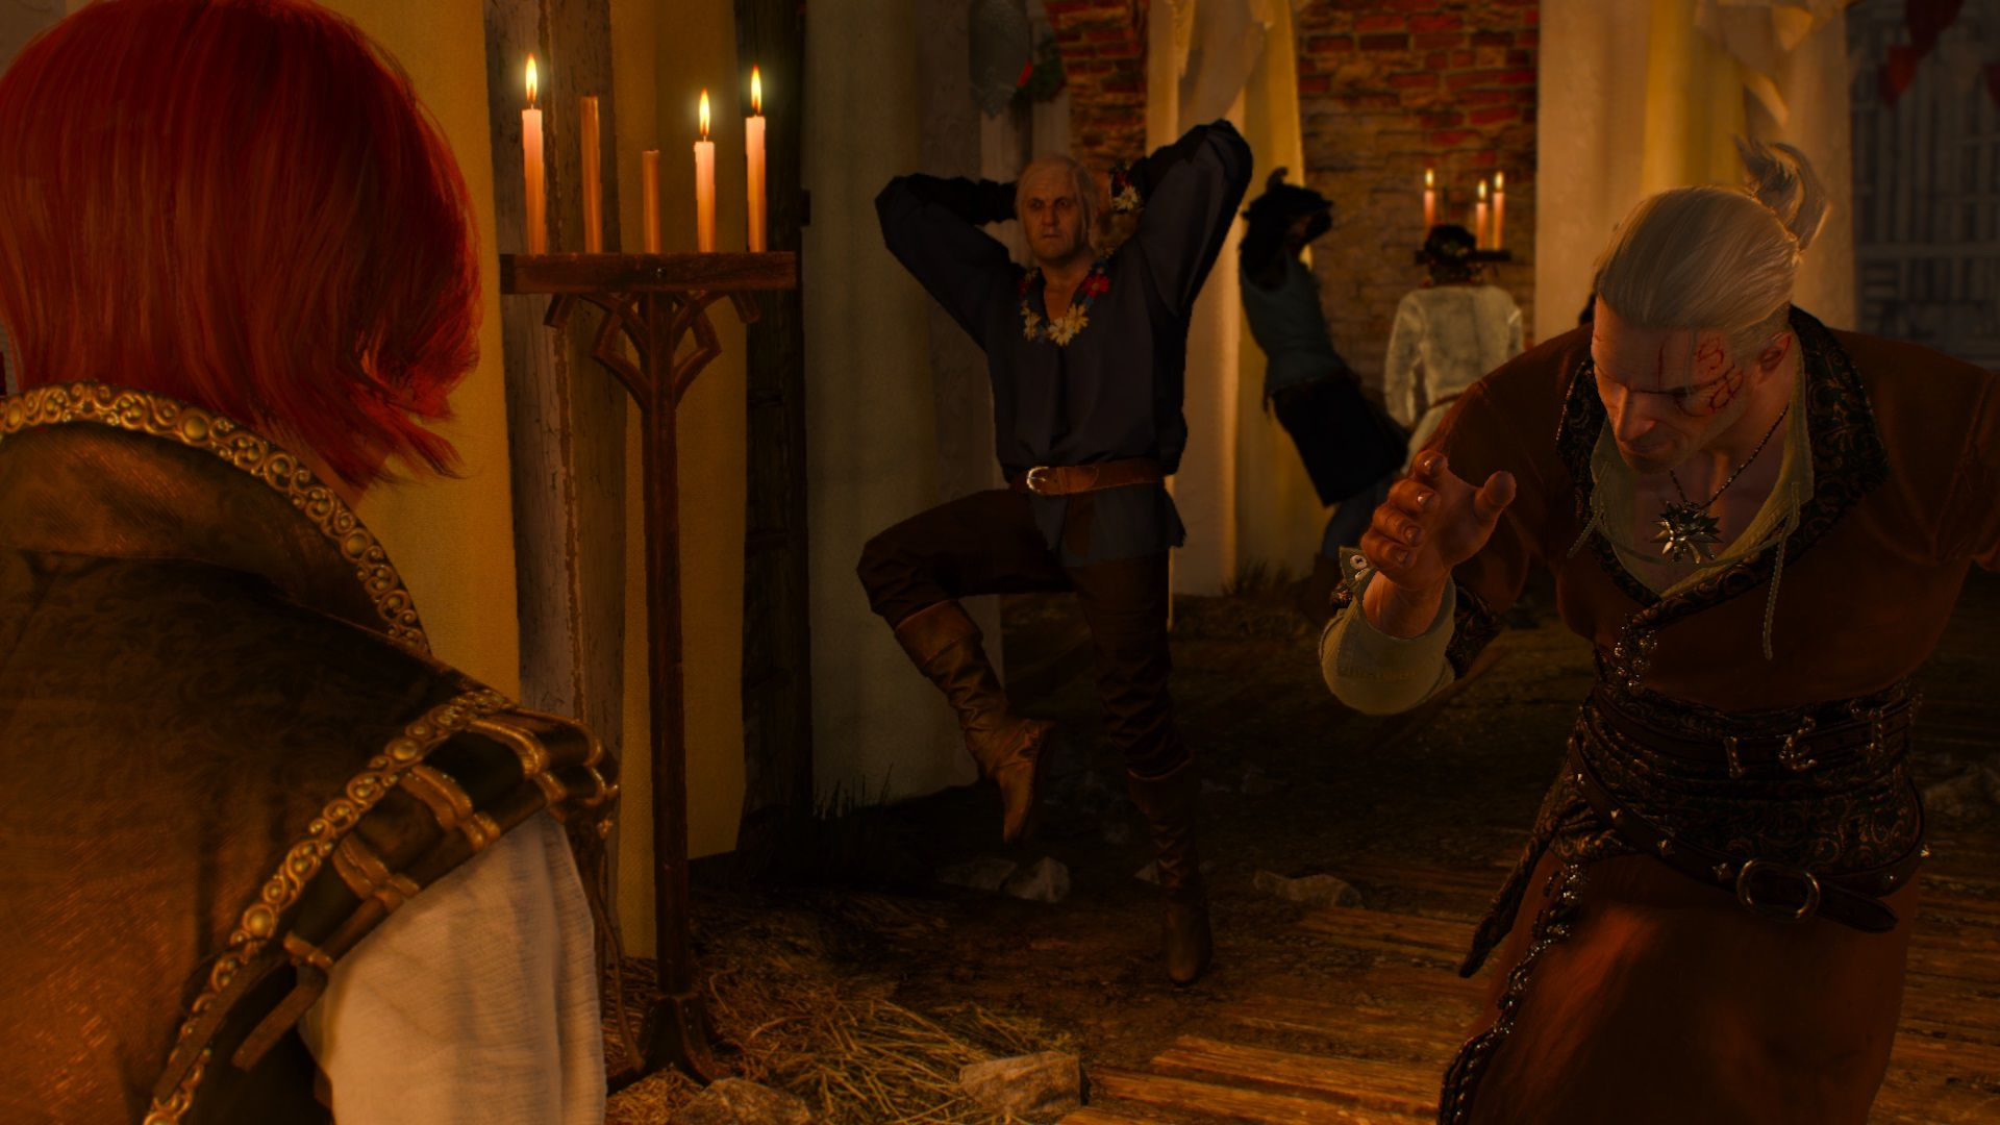 Geralt danser.